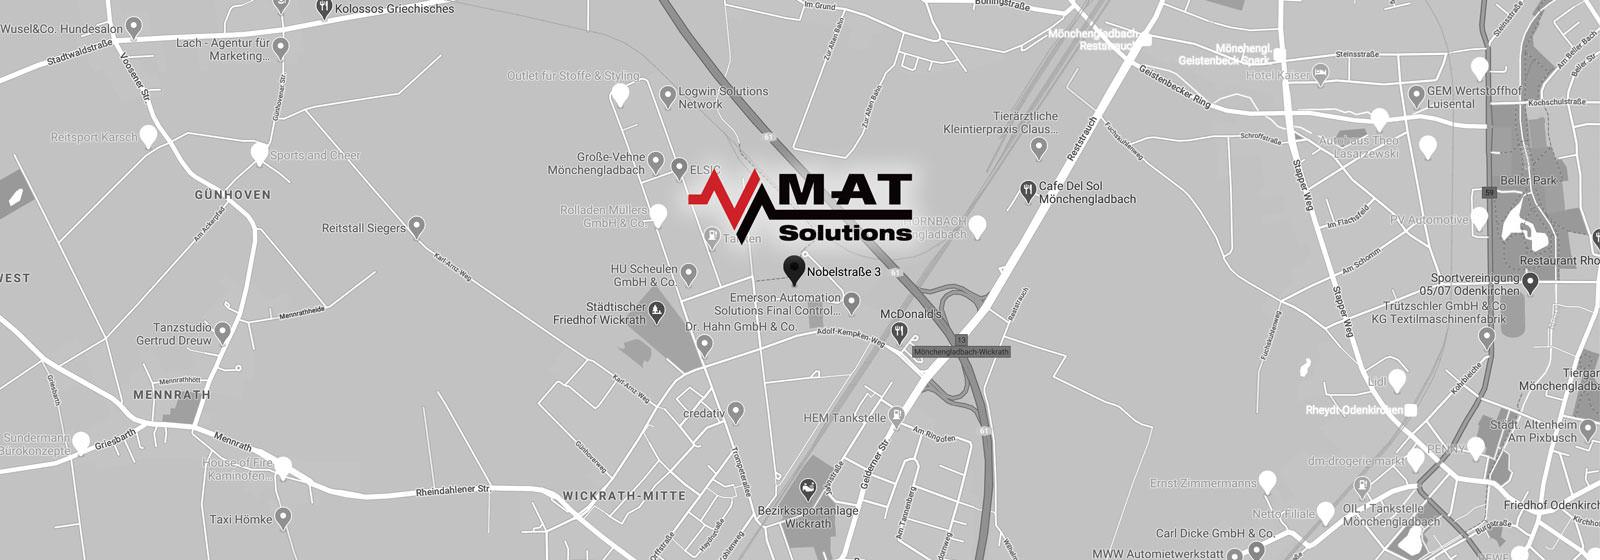 MAT Solutions GmbH - Nobelstrasse 3-5 - 41189 Mönchengladbach Deutschland